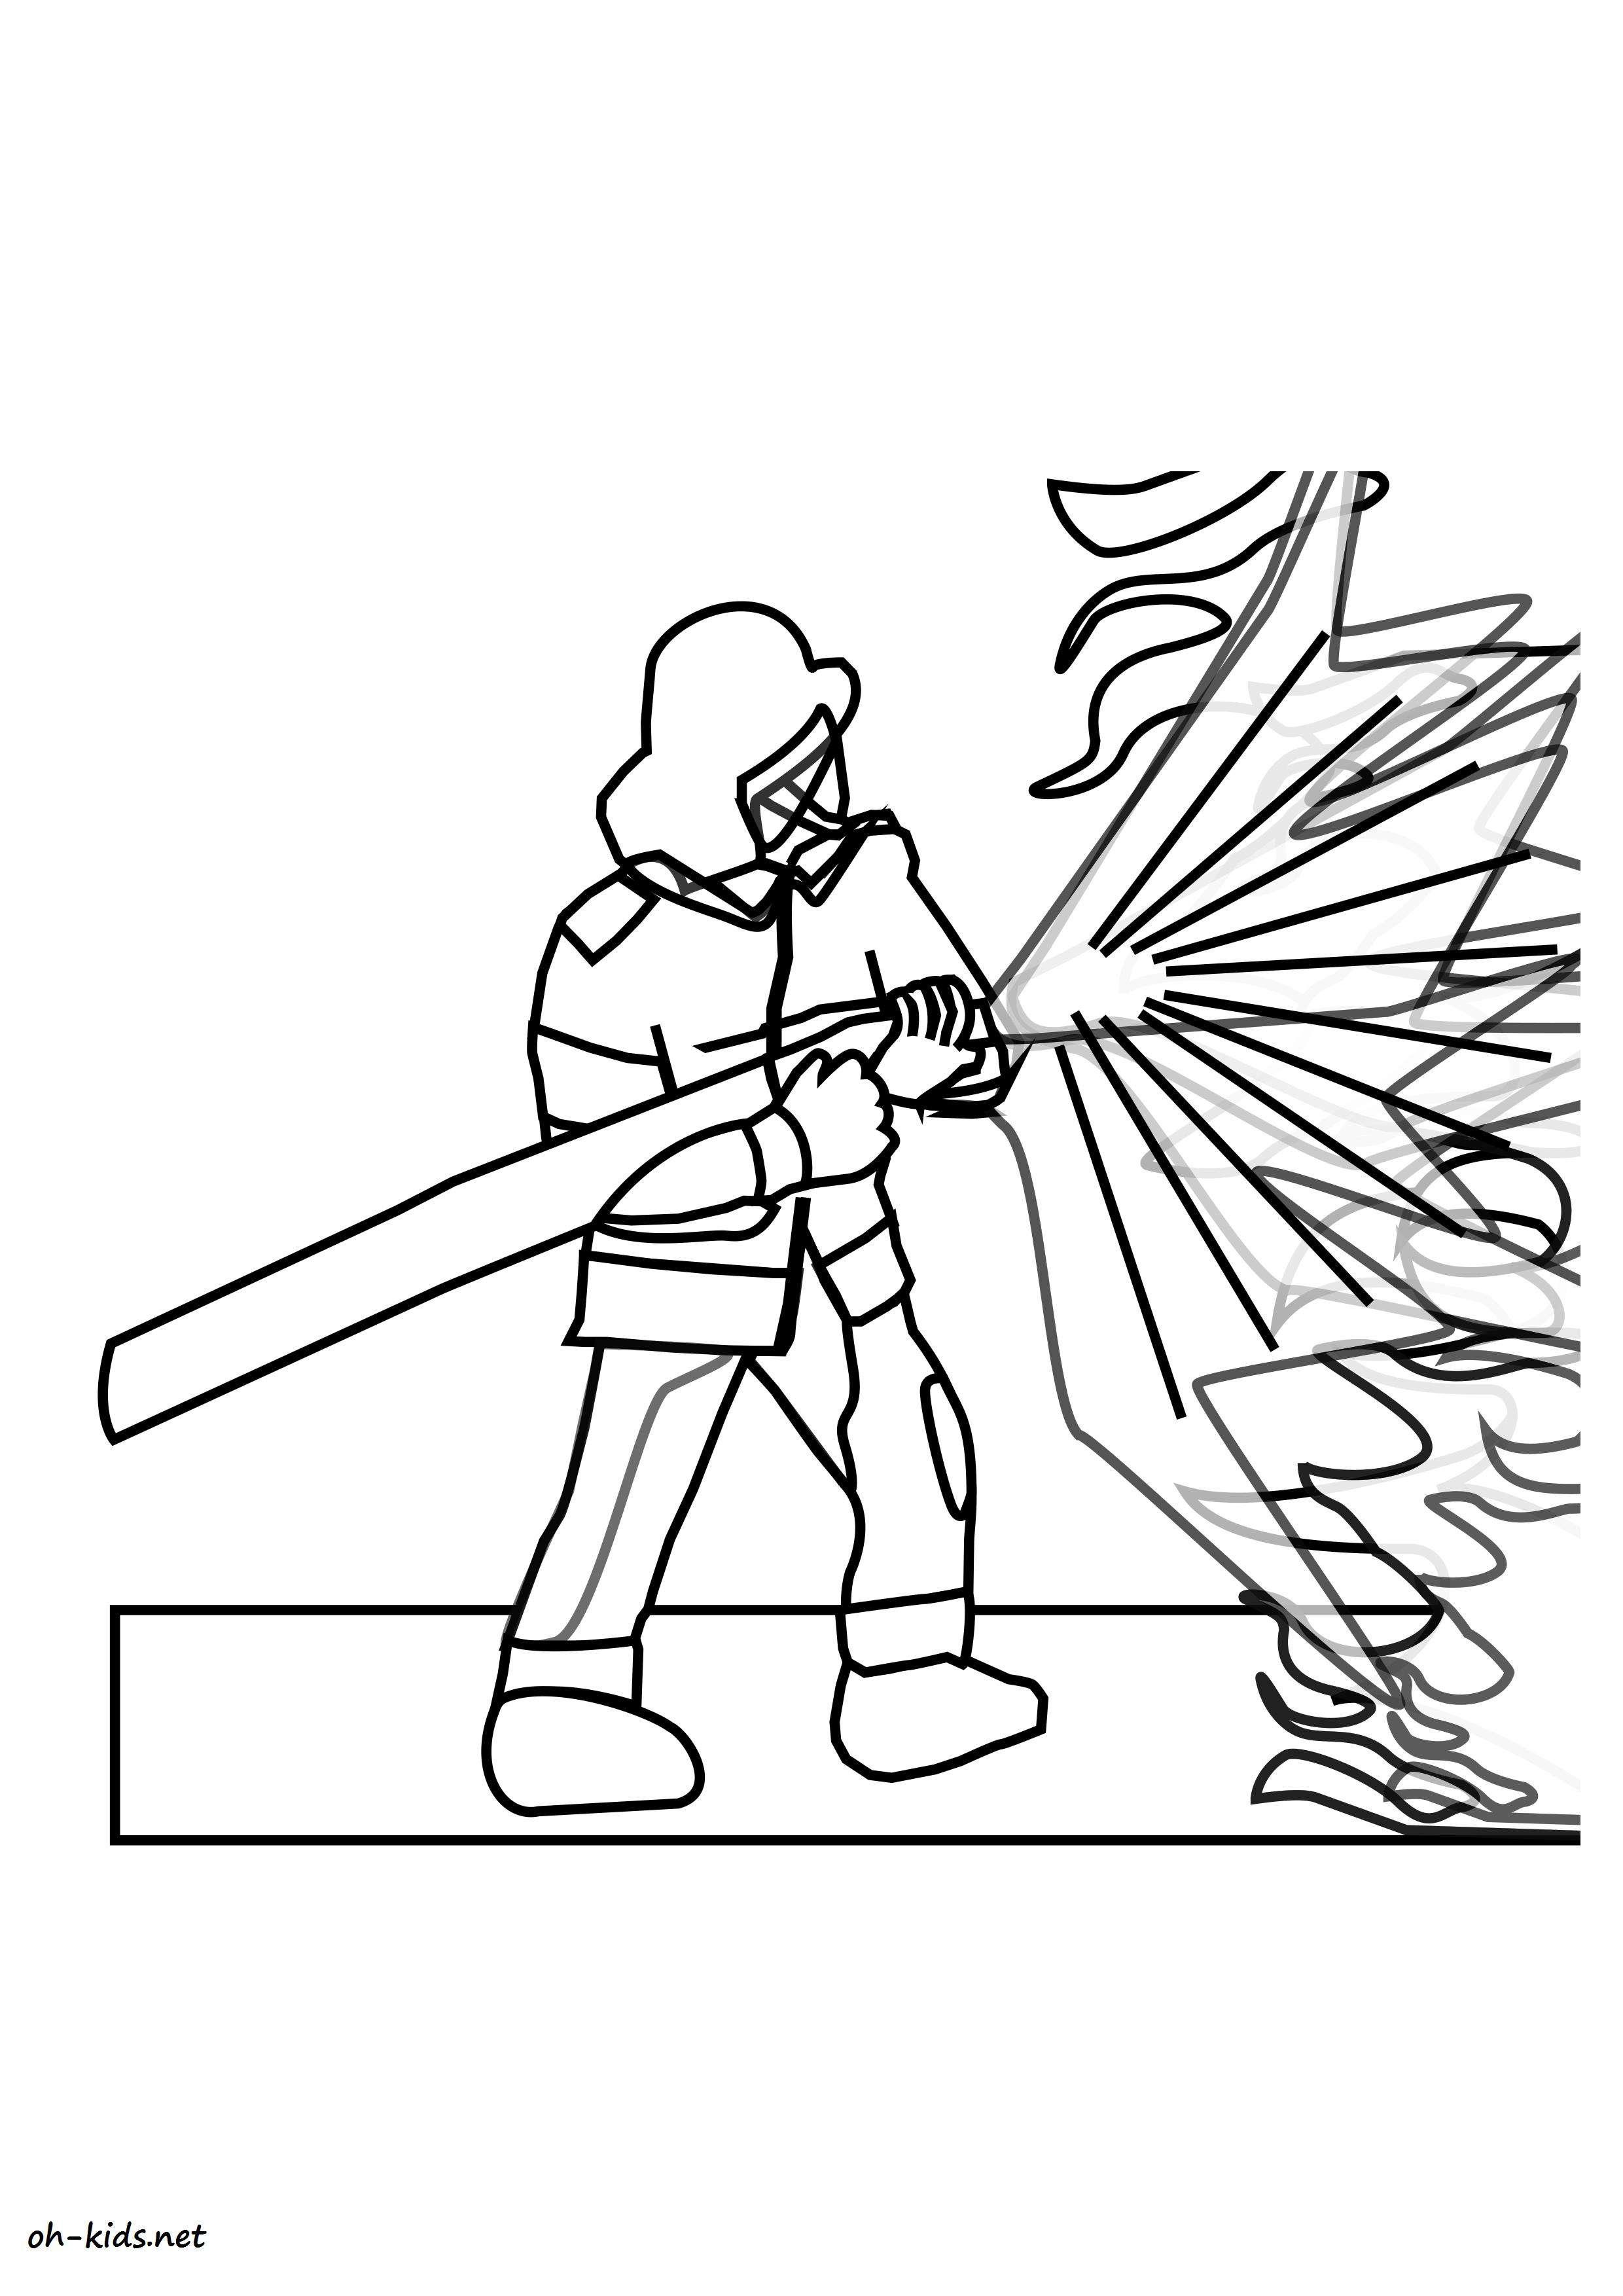 Dessin de pompier gratuit à imprimer et colorier - Dessin #1553